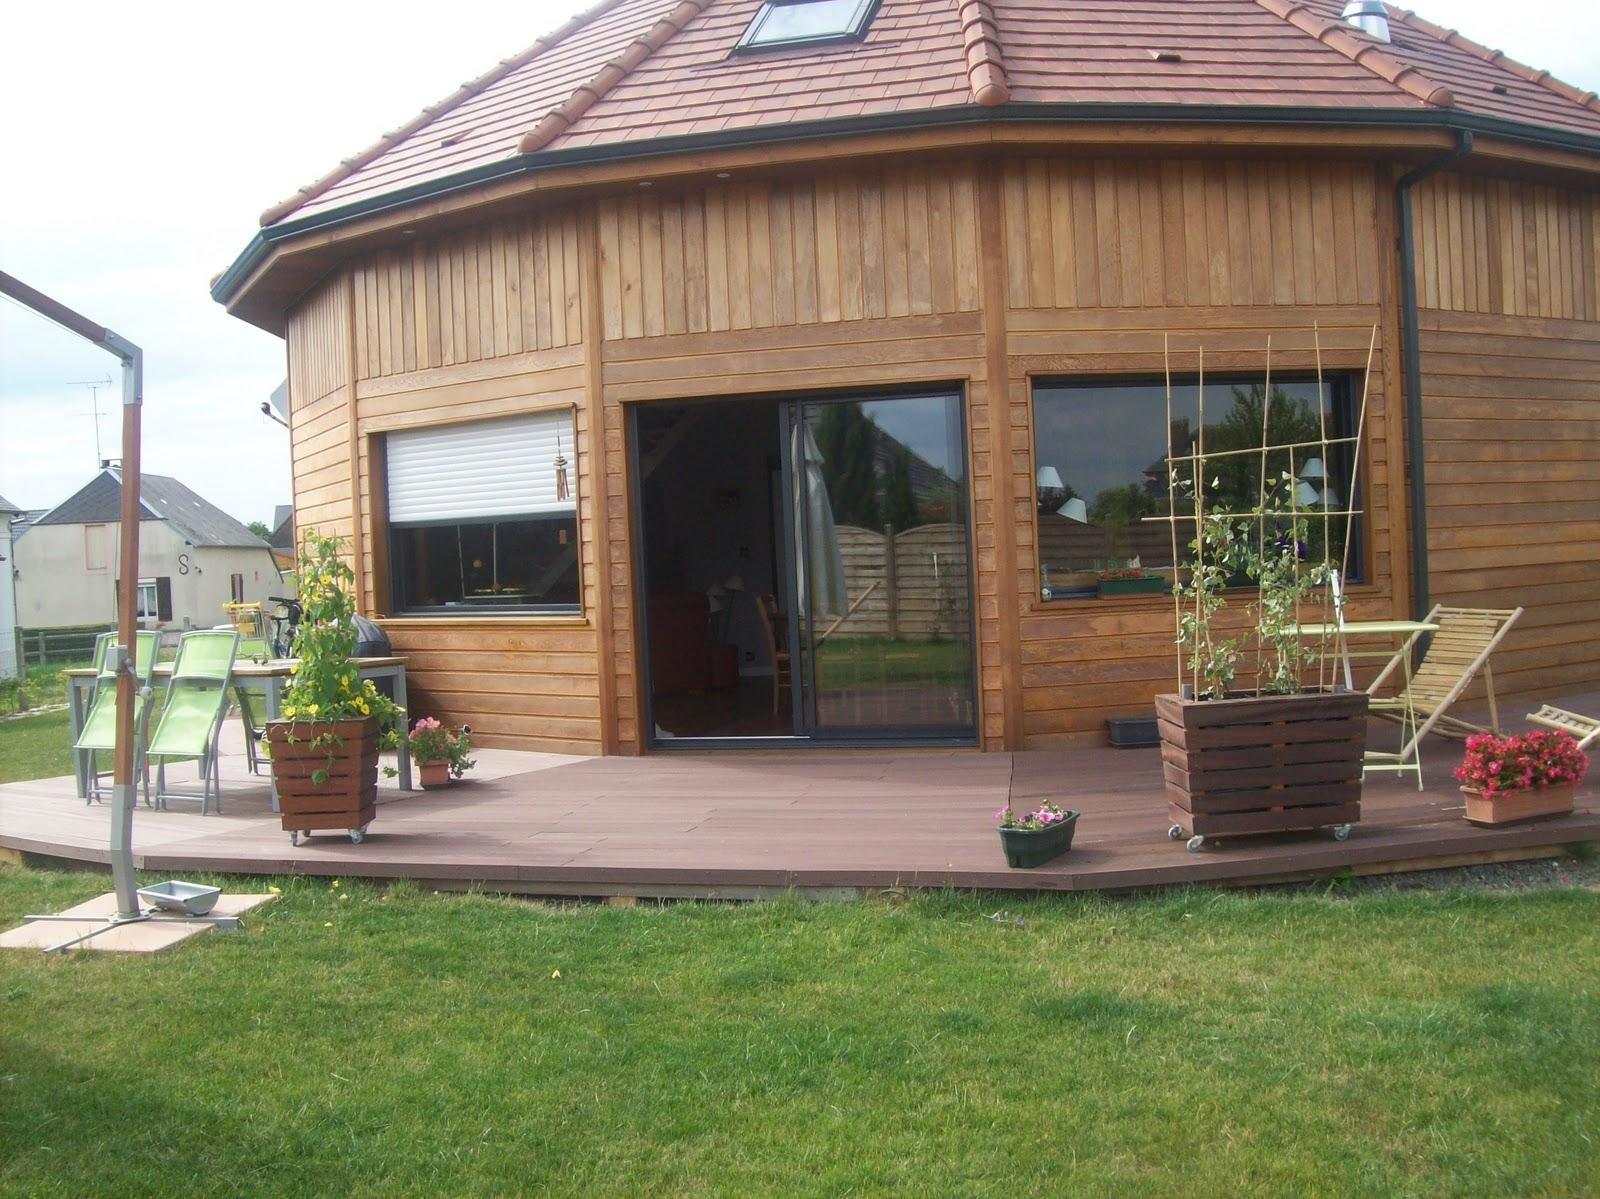 maison bois de cedre obtenez des id es de design int ressantes en utilisant du. Black Bedroom Furniture Sets. Home Design Ideas